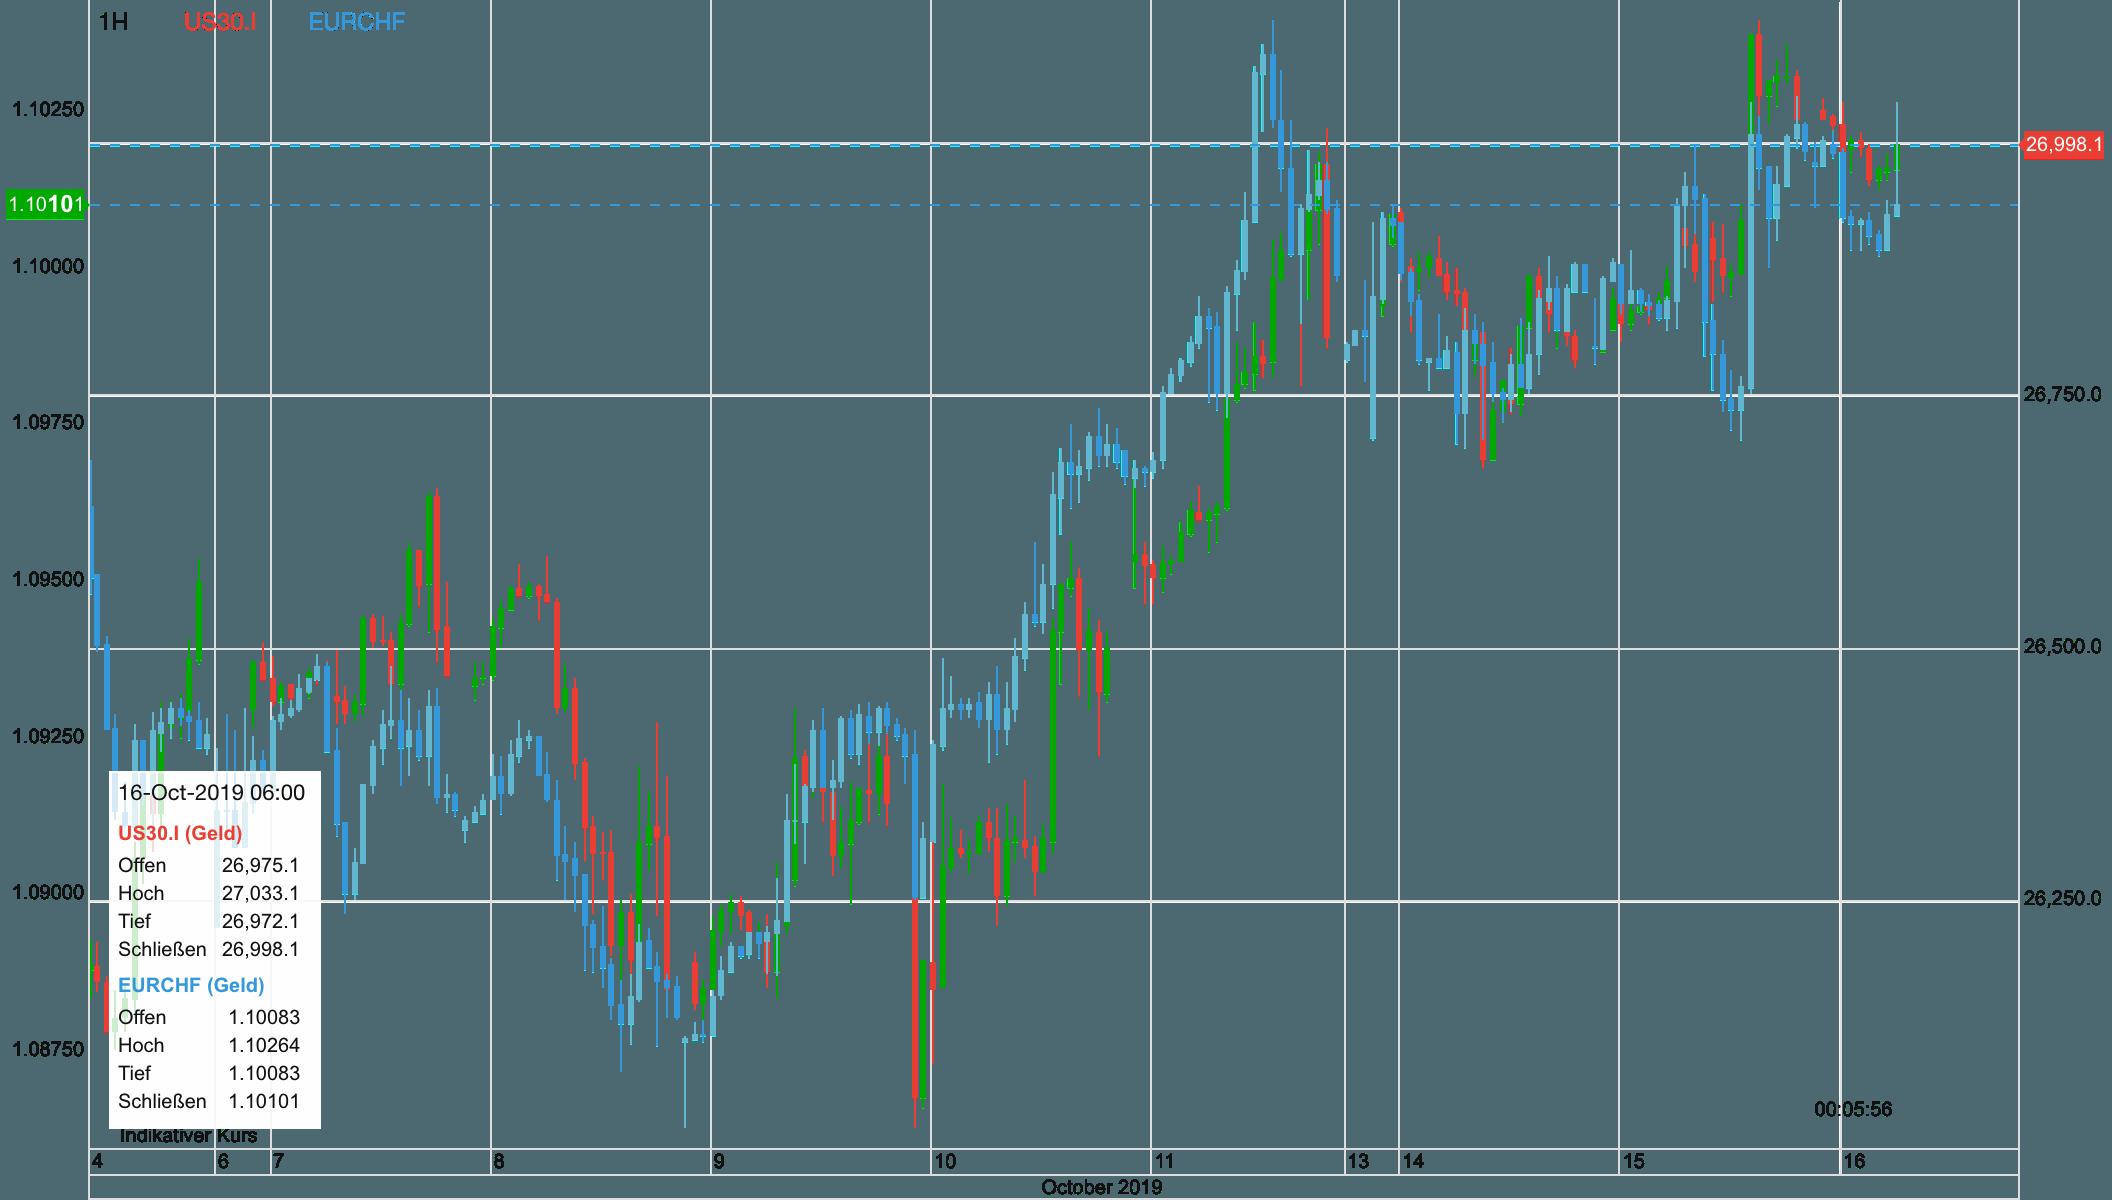 Schweizer Franken vs Dow 30 seit zehn Tagen